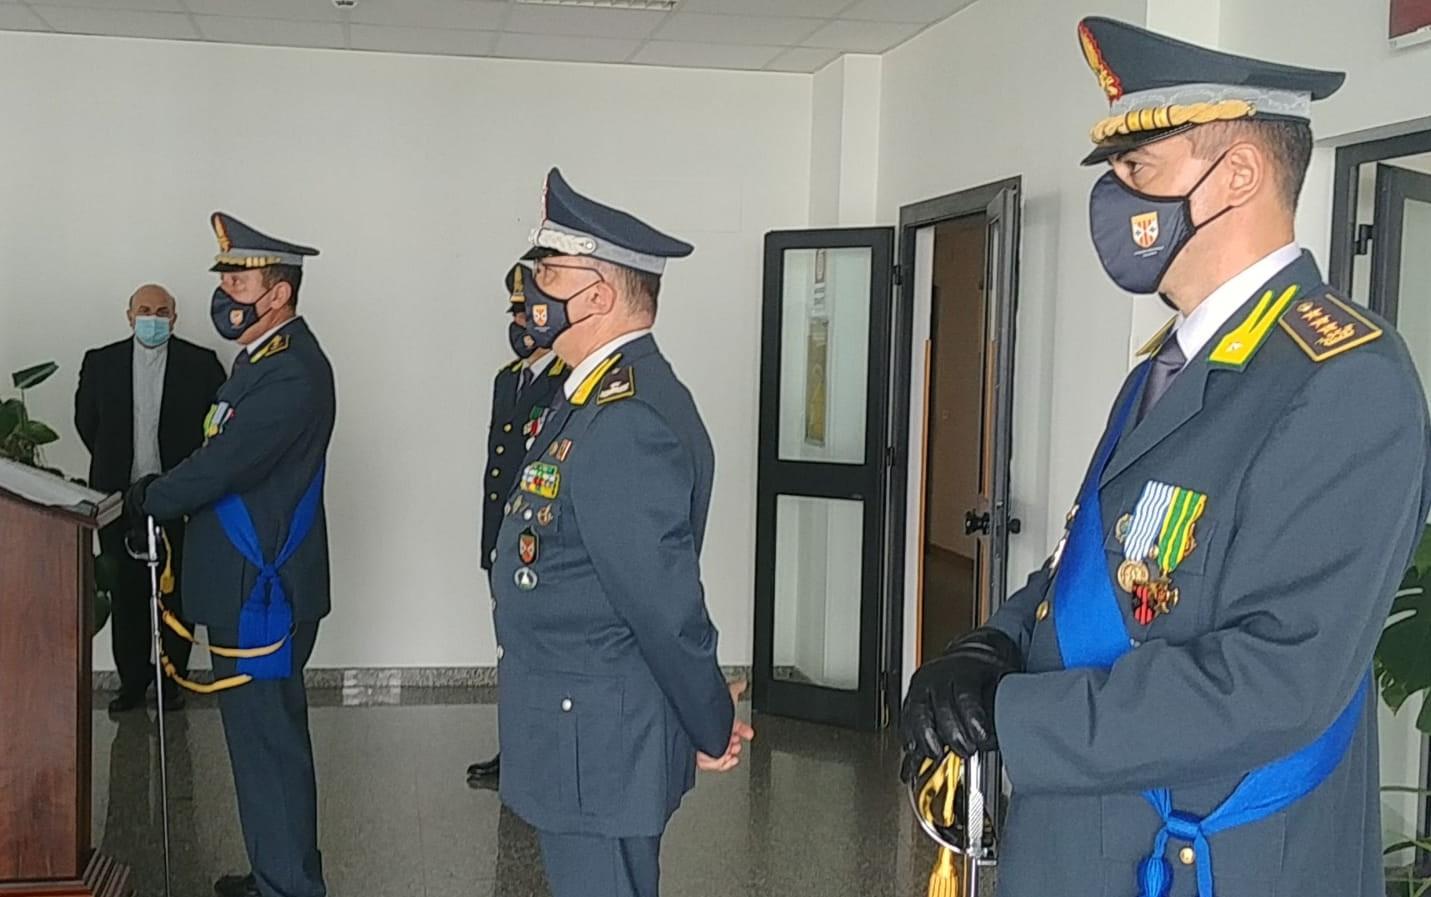 Guardia di Finanza: Prosperi lascia il comando provinciale di Vibo, a sostituirlo è Ghibaudo